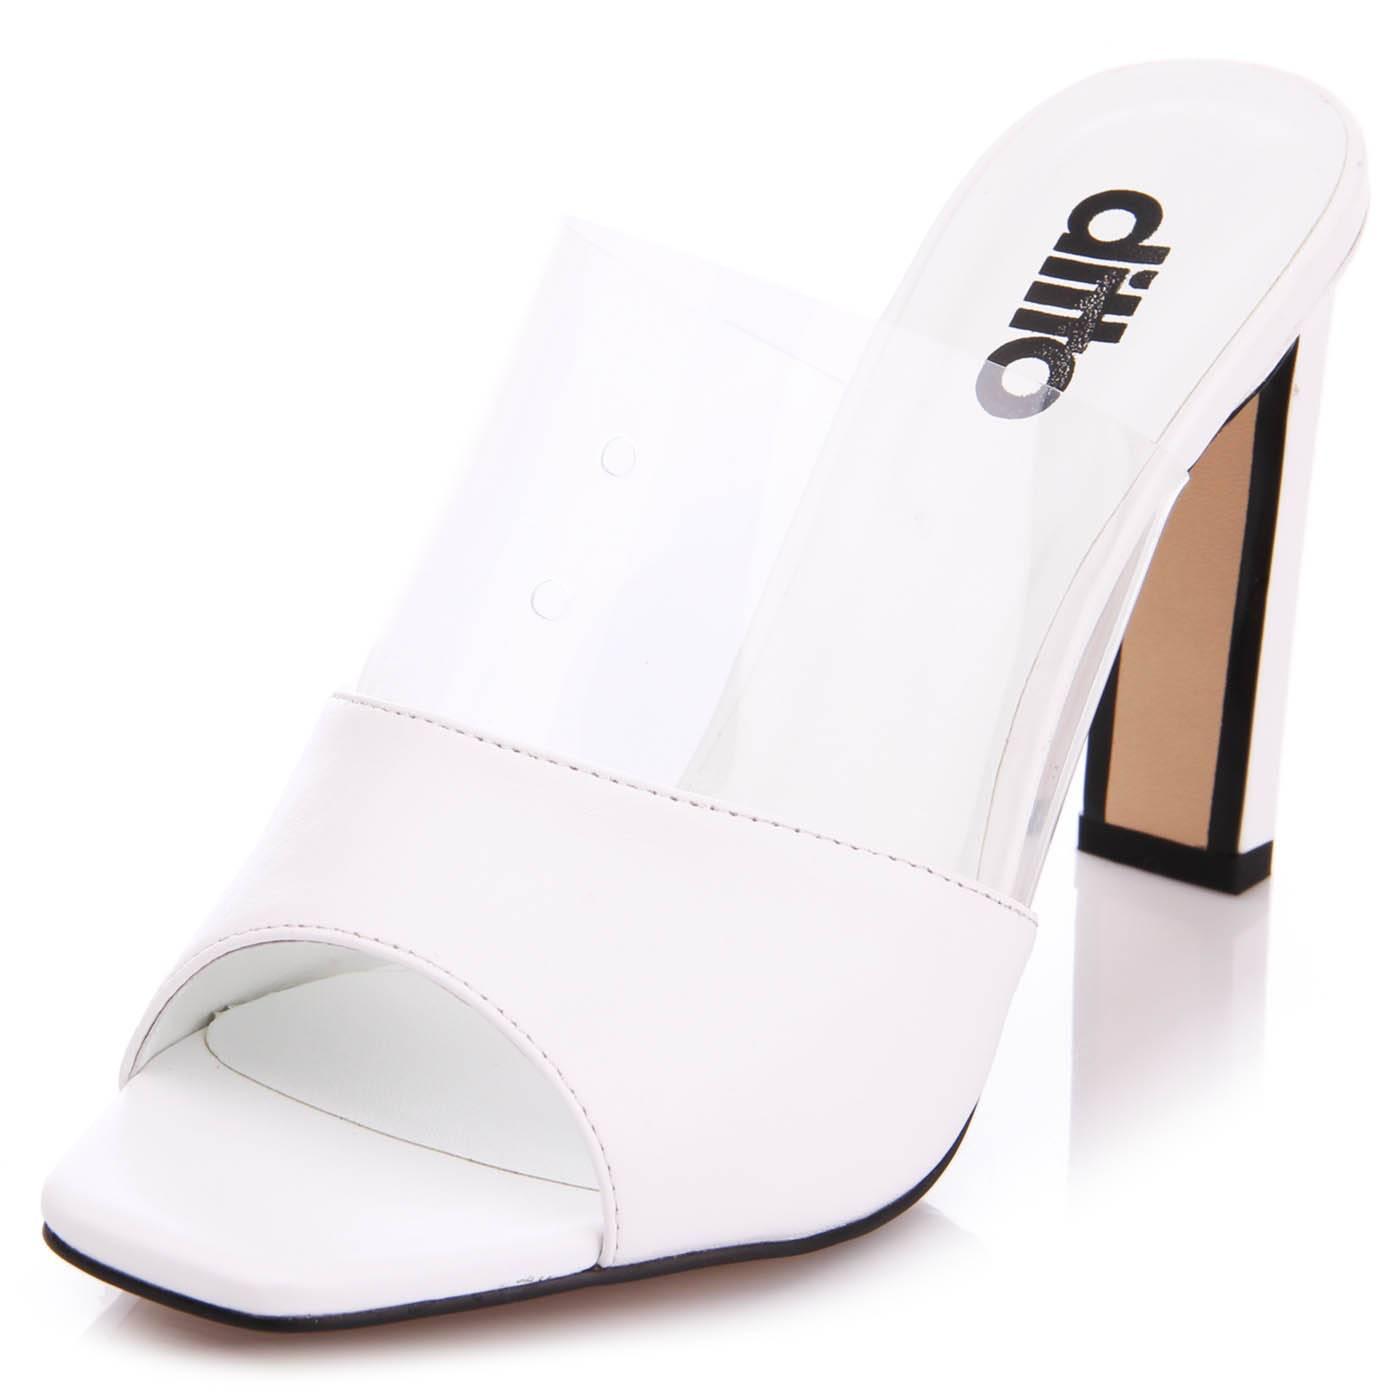 07d0cd26f Мюли женские ditto 7766 Белый купить по выгодной цене в интернет ...